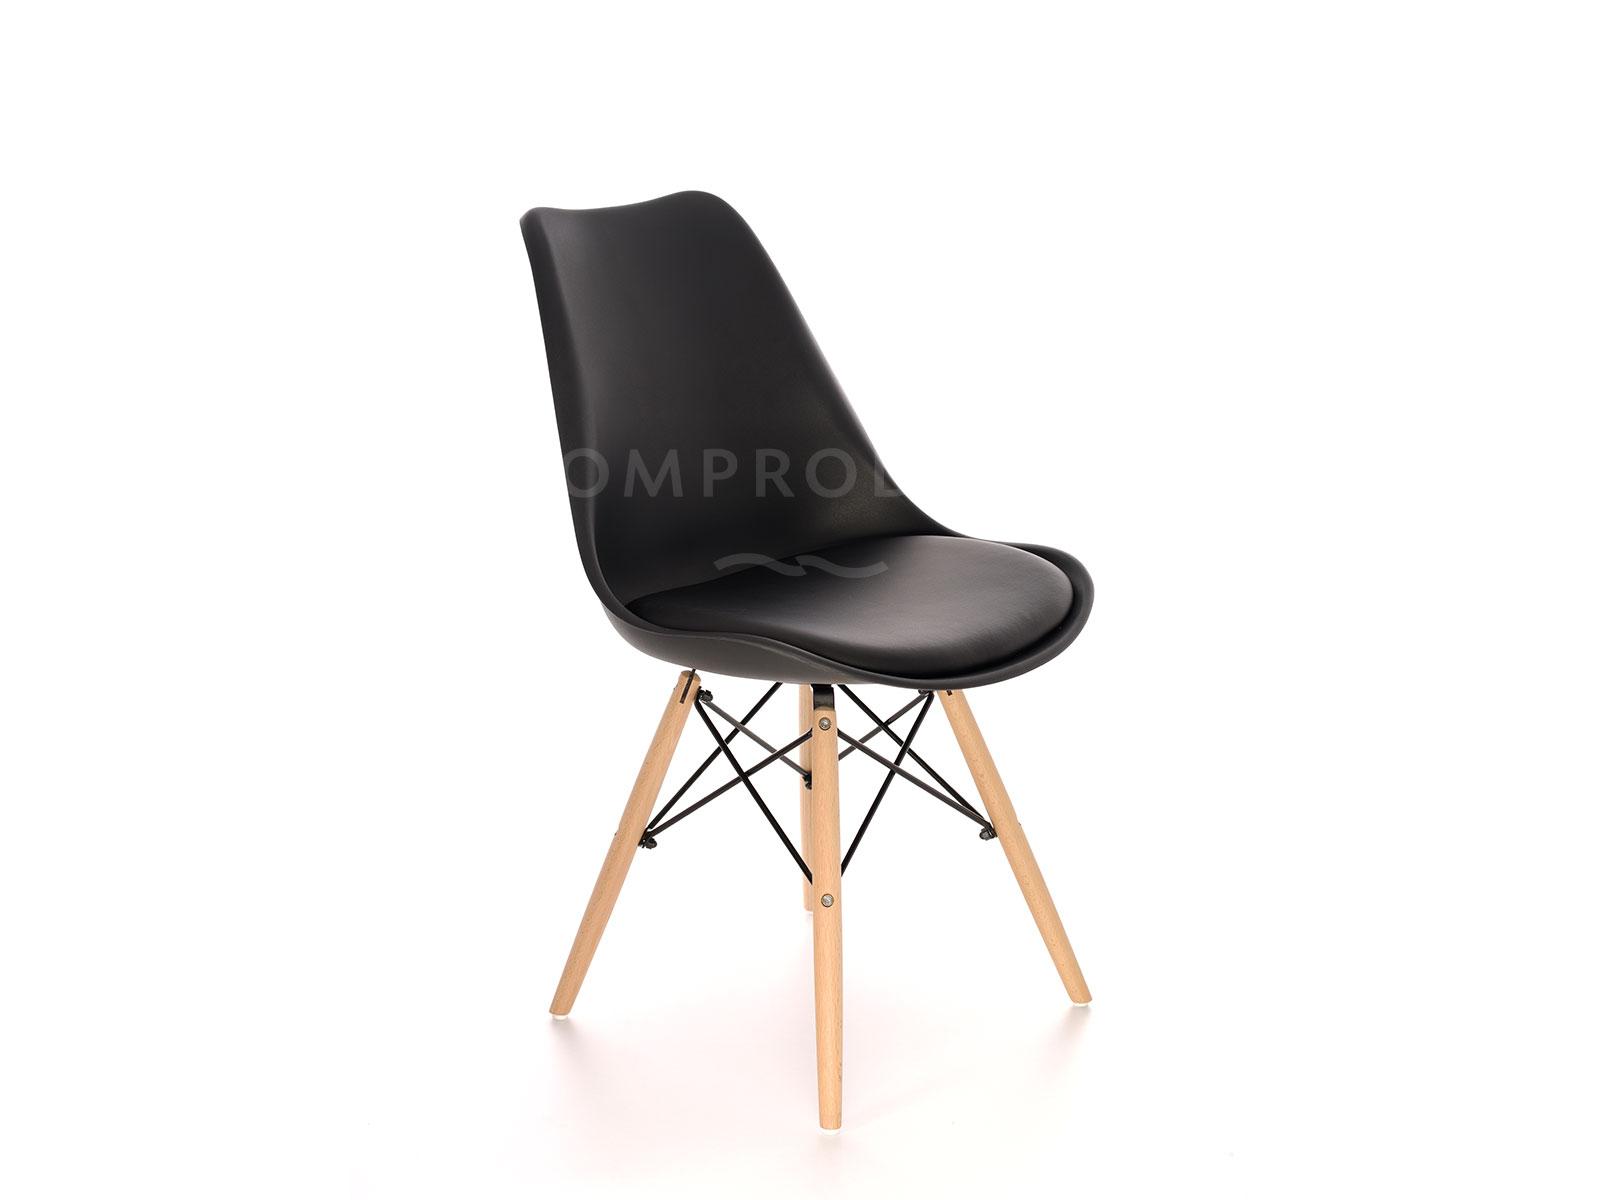 Scaun din plastic, cu picioare de lemn si sezut tapitat cu piele ecologica, Orlando Black, l56xA46xH81 cm